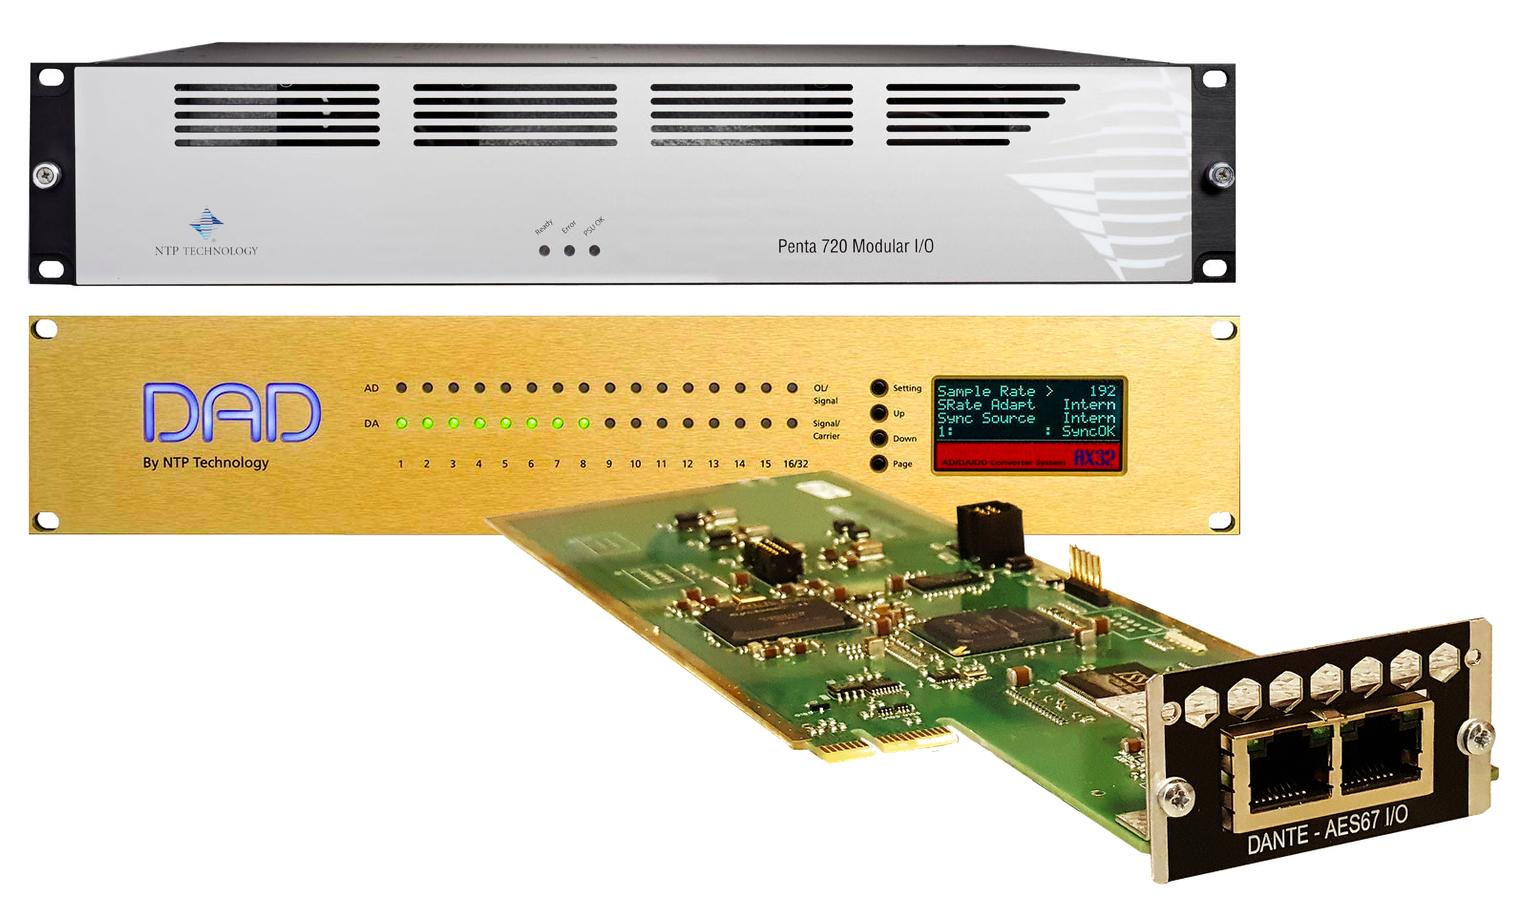 News: Dante Erweiterungskarte für NTP Technology Penta 720 und DAD AX32 verfügbar